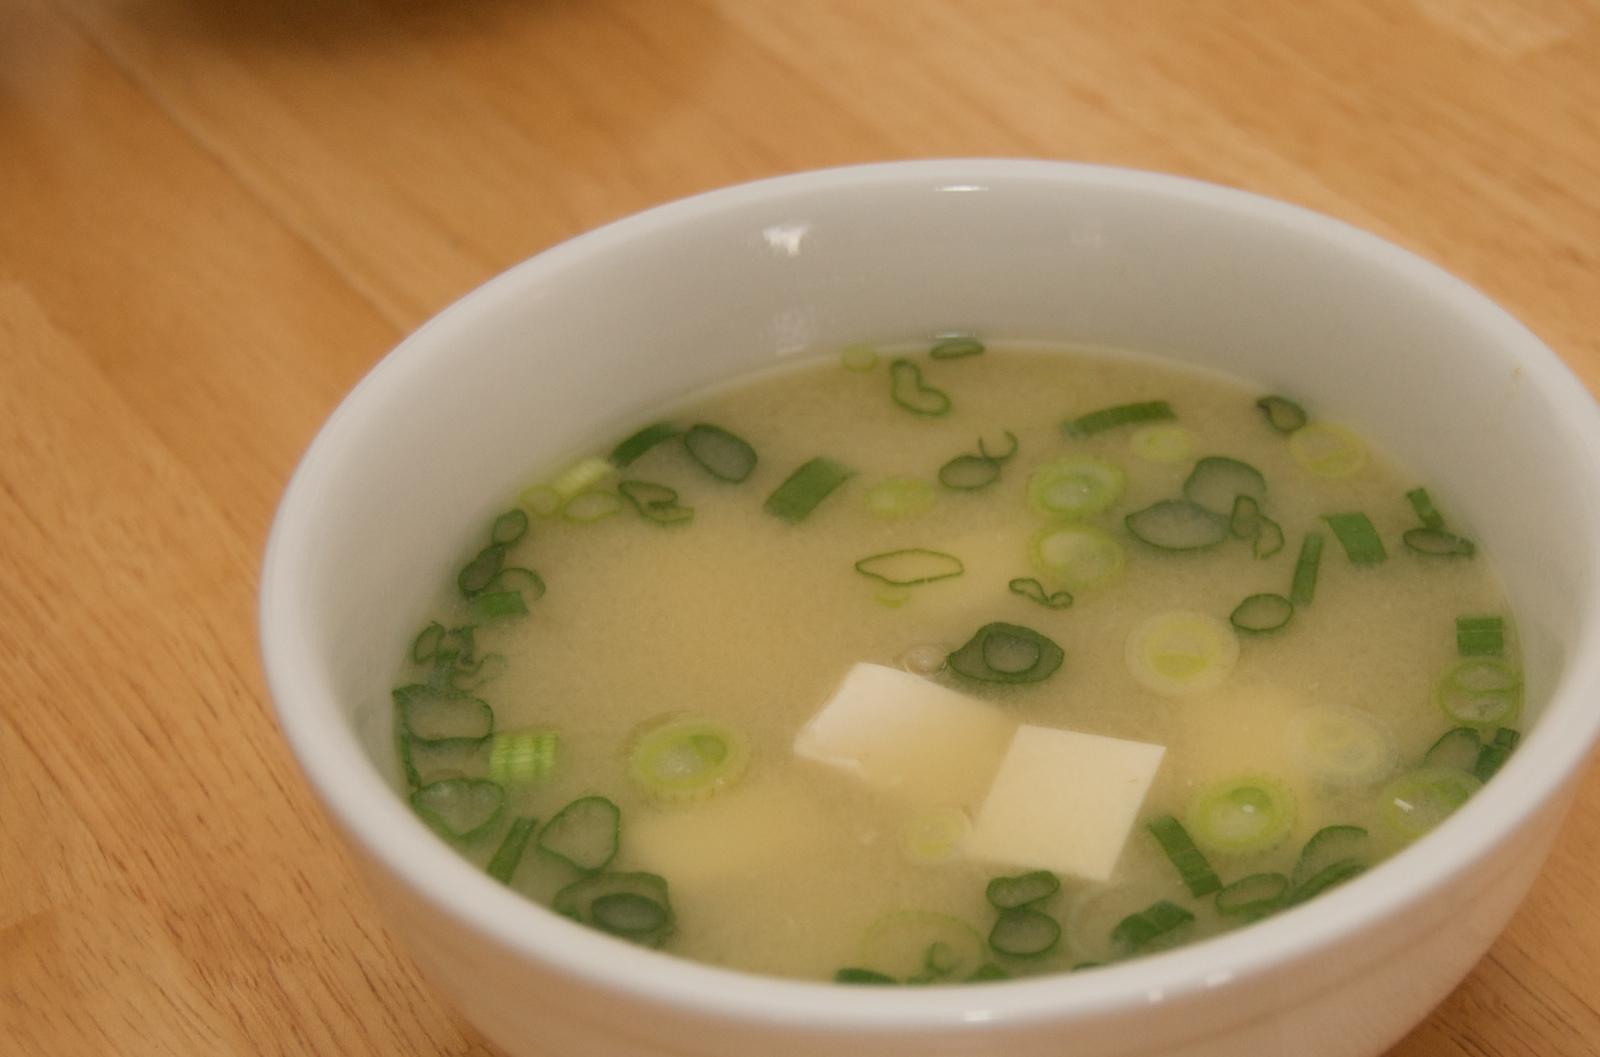 http://blog.rickk.com/food/2010/01/06/DSC_0005.jpg